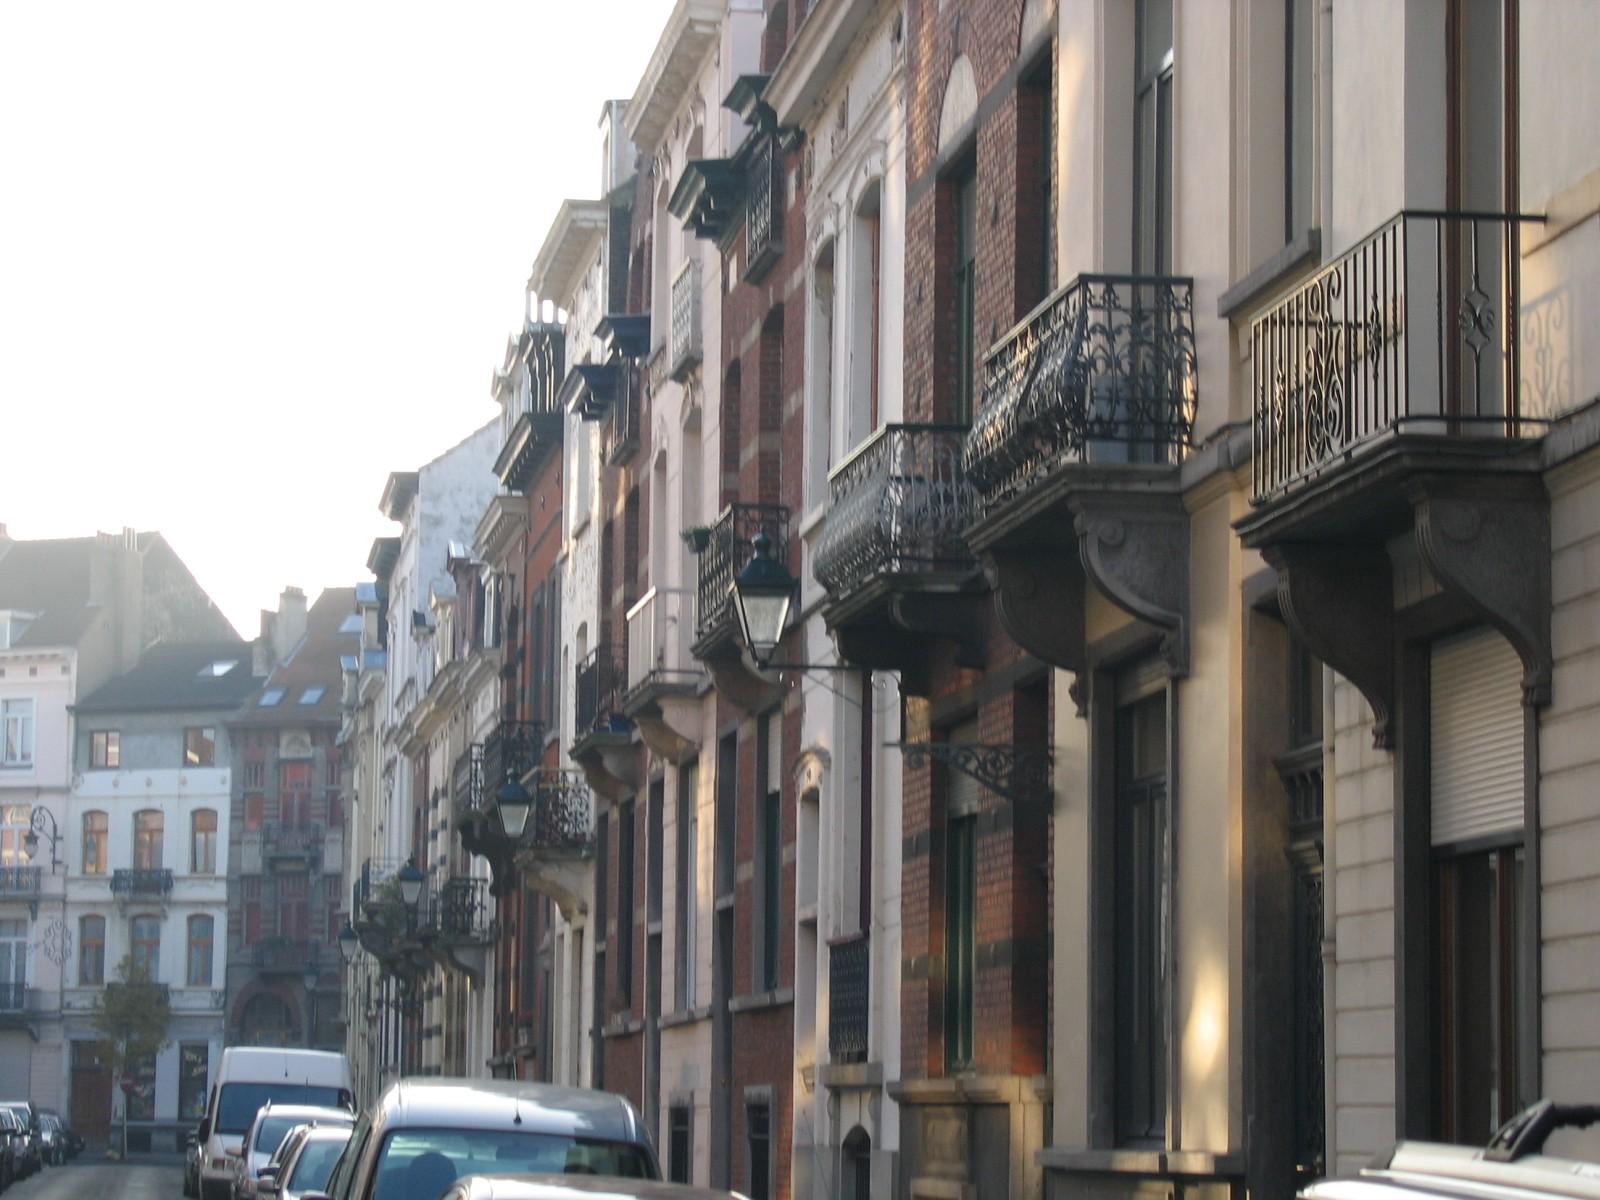 Pare zijde Portugalstraat vanuit Morisstraat., 2004